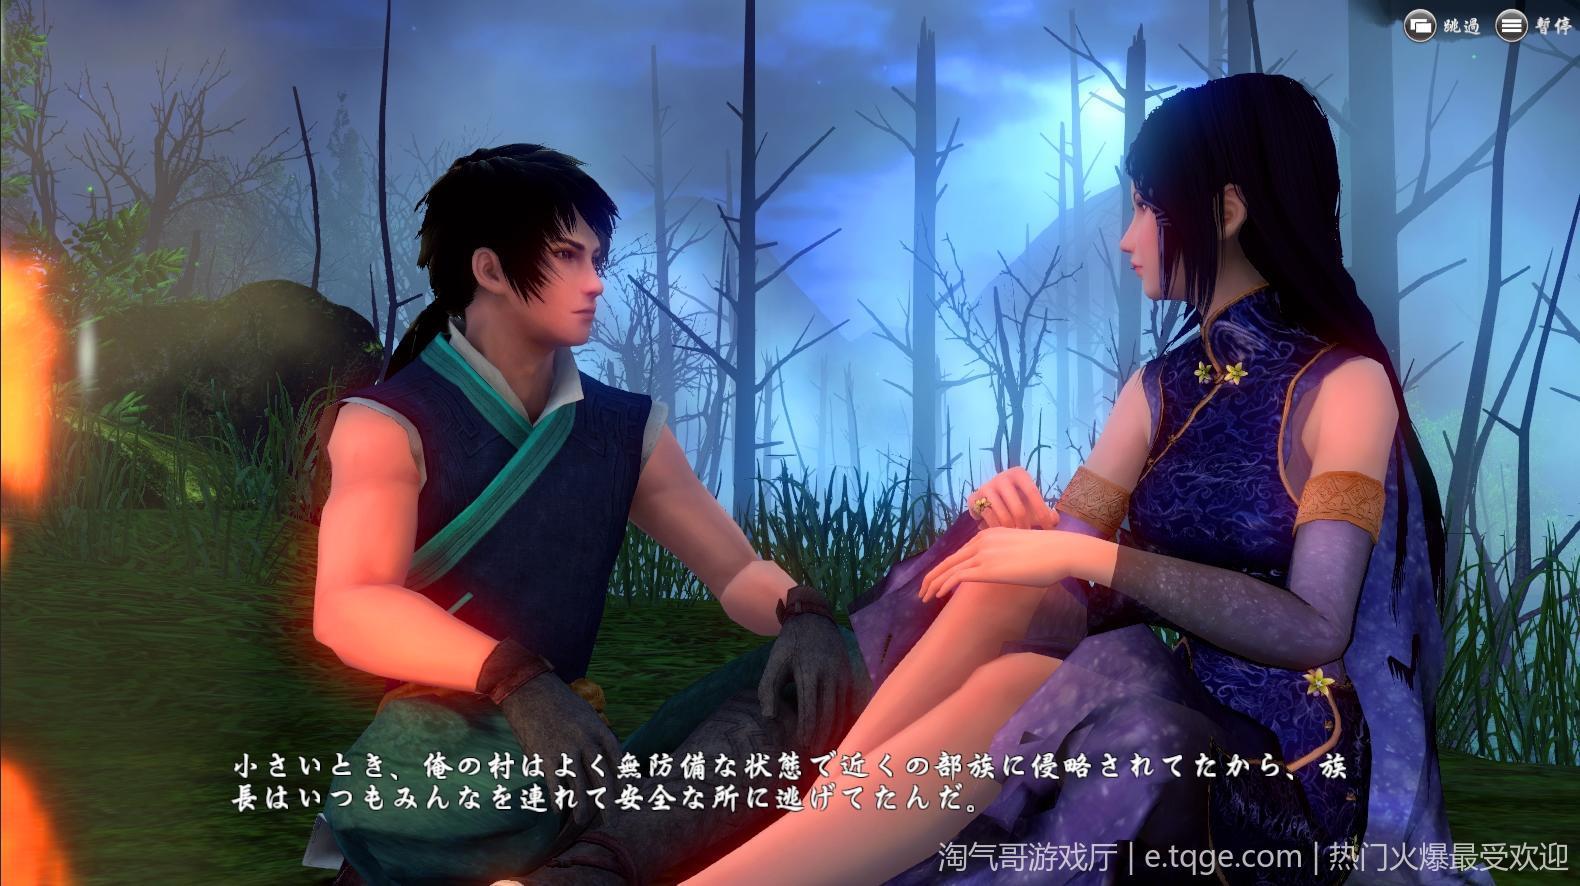 轩辕剑外传:穹之扉 动作冒险 第4张